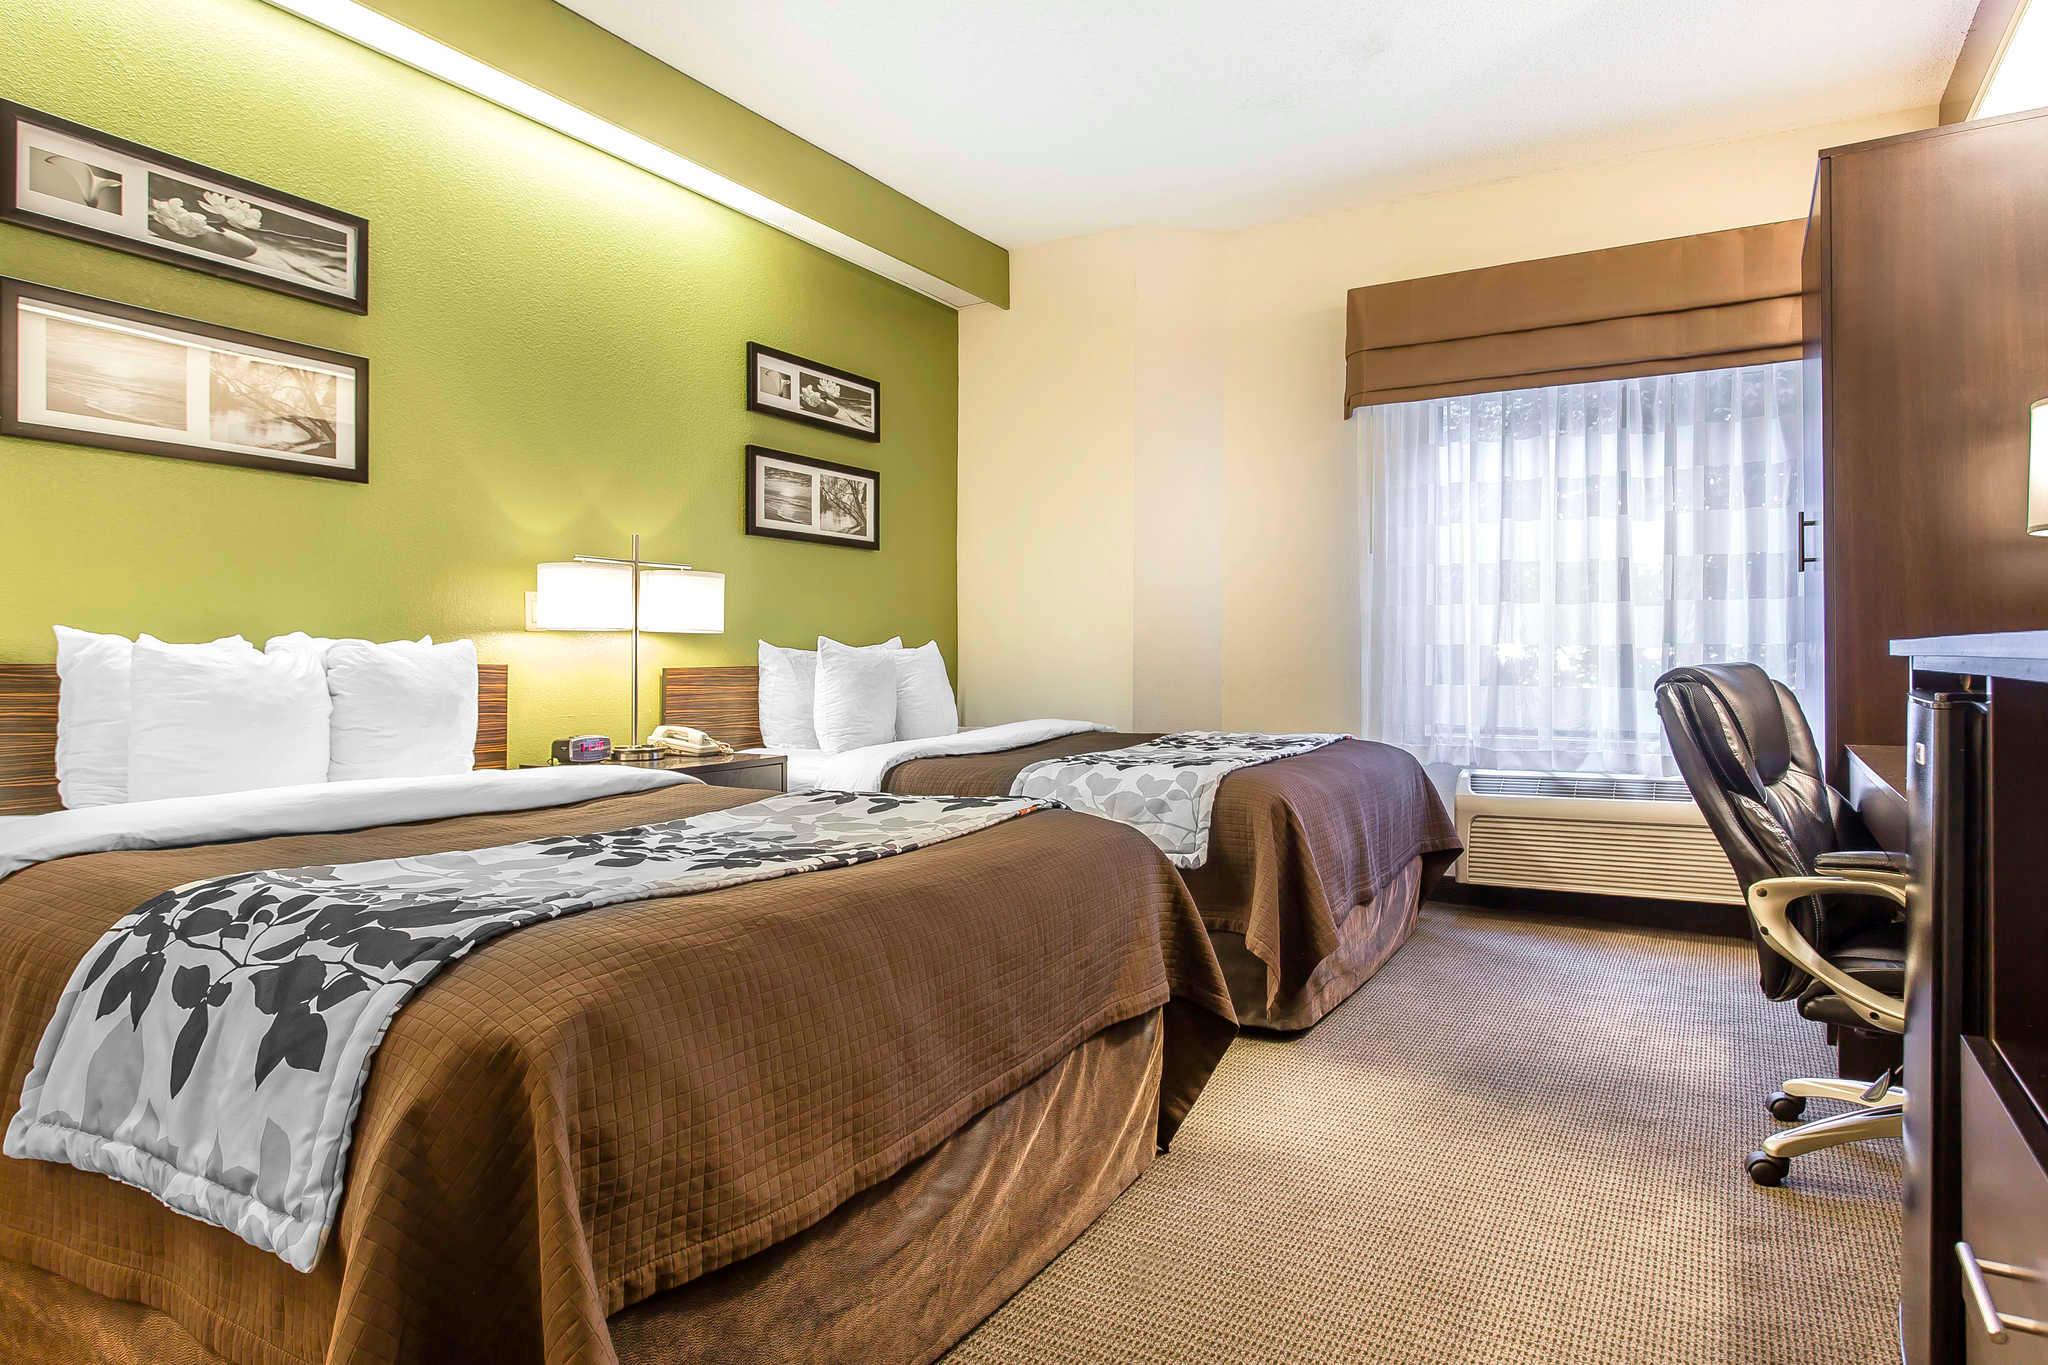 Sleep Inn & Suites image 18